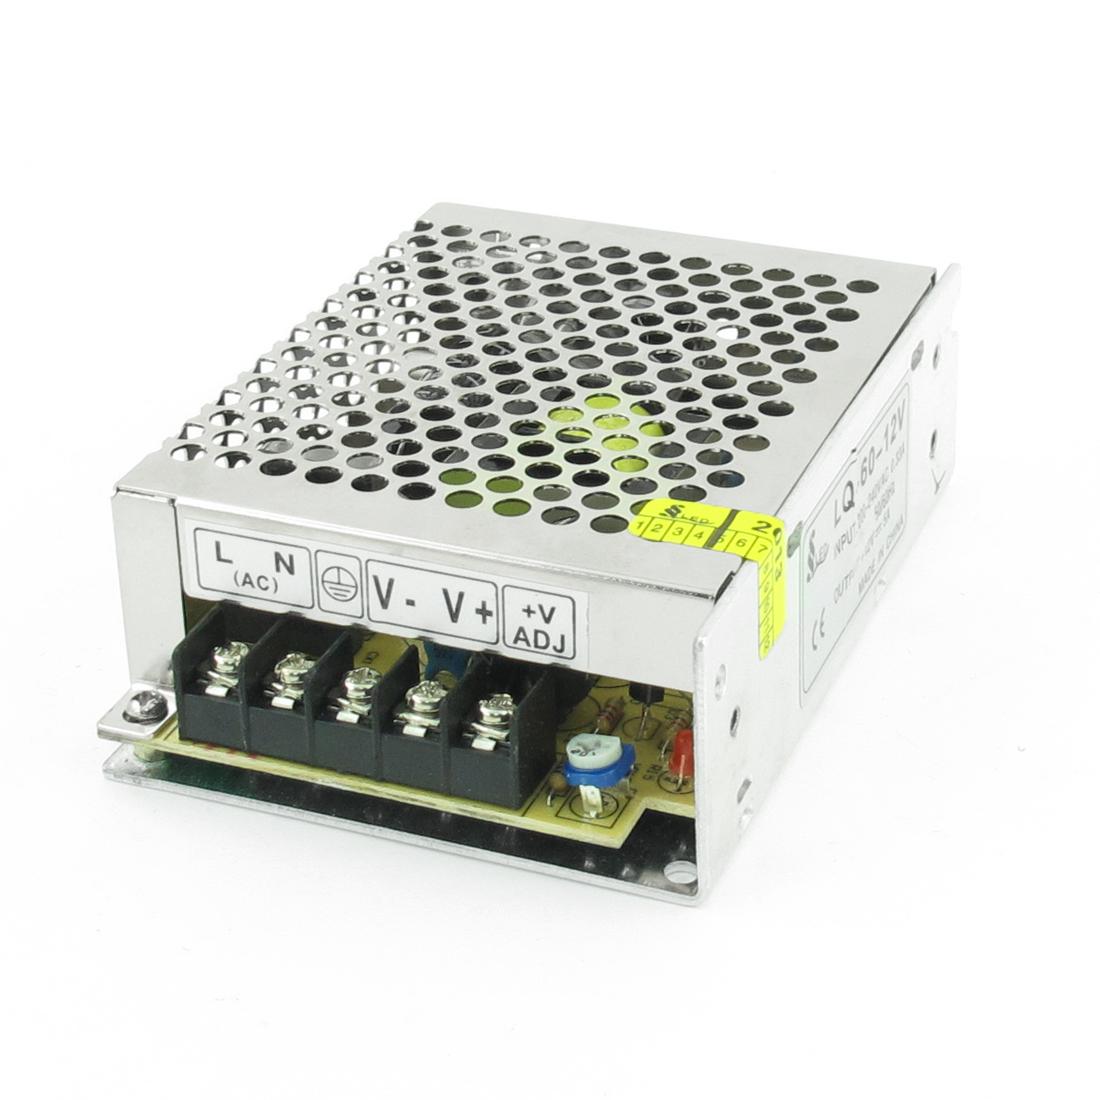 DC 12V 5A Switching Power Supply Driver for LED Strip light 200V-240V AC